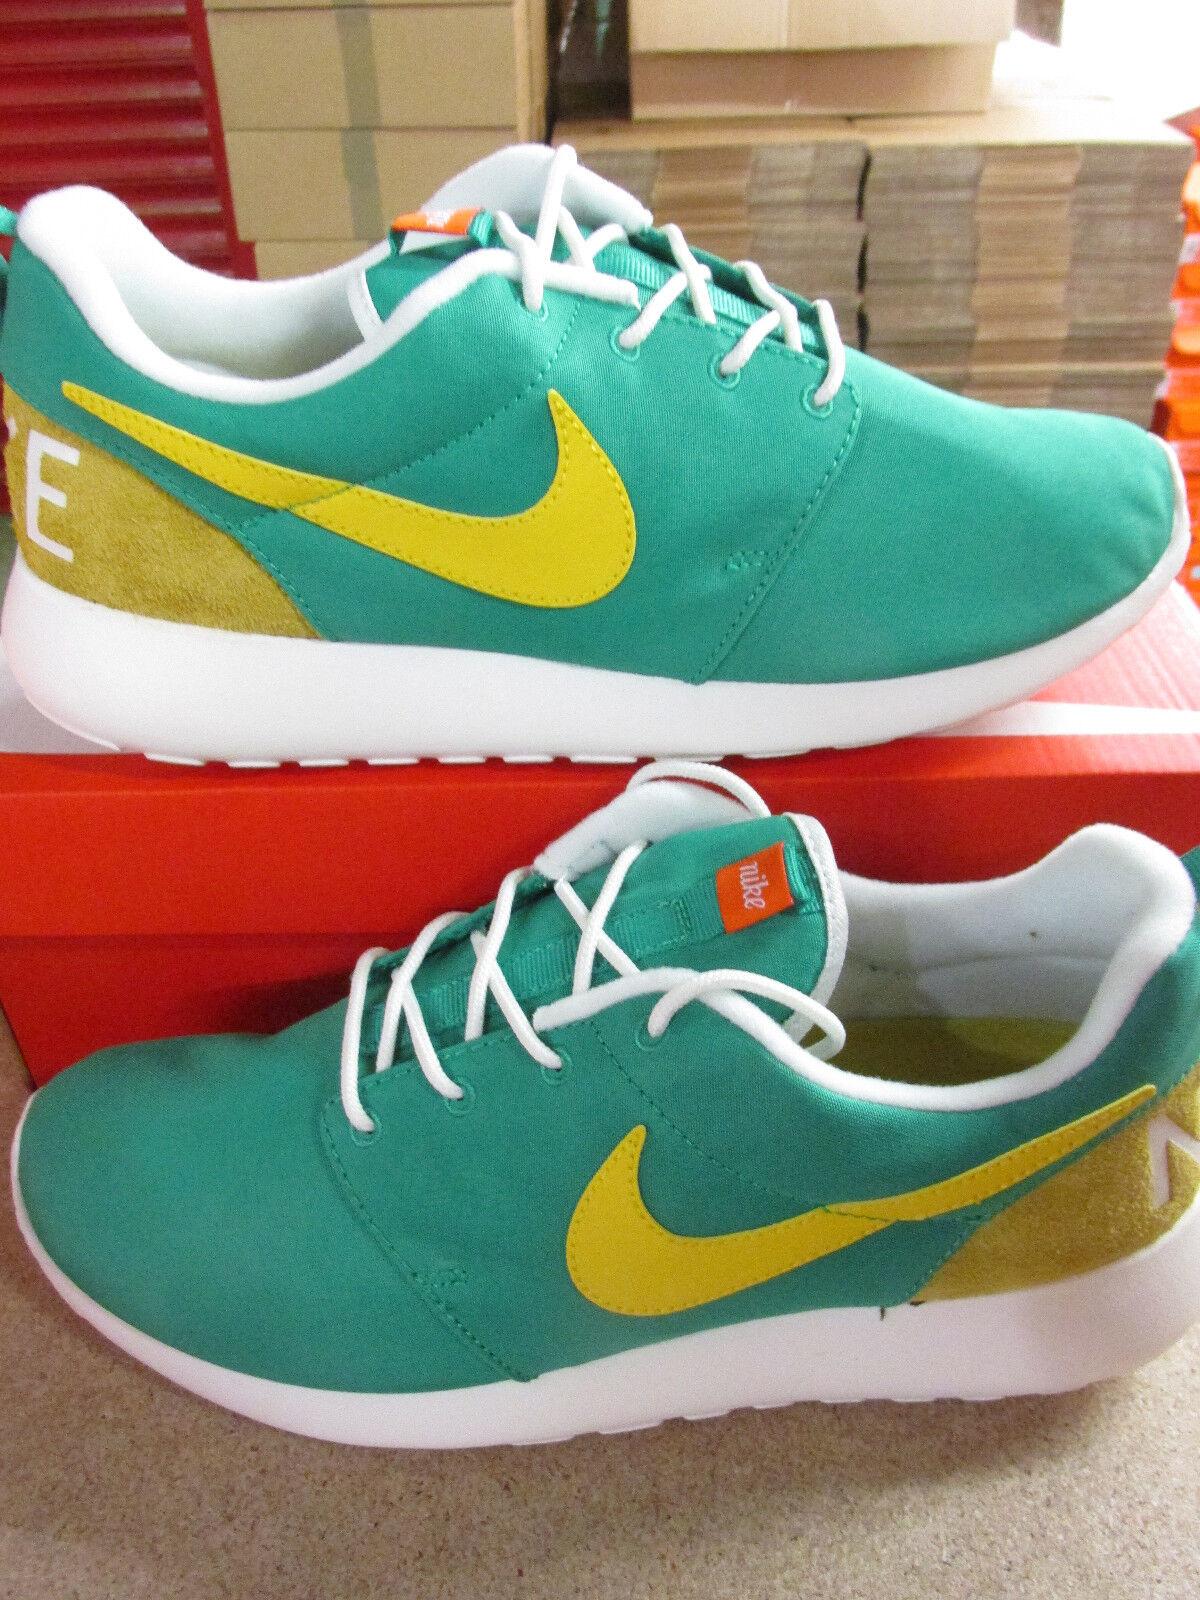 Nike Roshe One Rétro Zapatos  Deporteive hombre 819881 Zapatos 371 Zapatos 819881  da Tennis f7ecdf